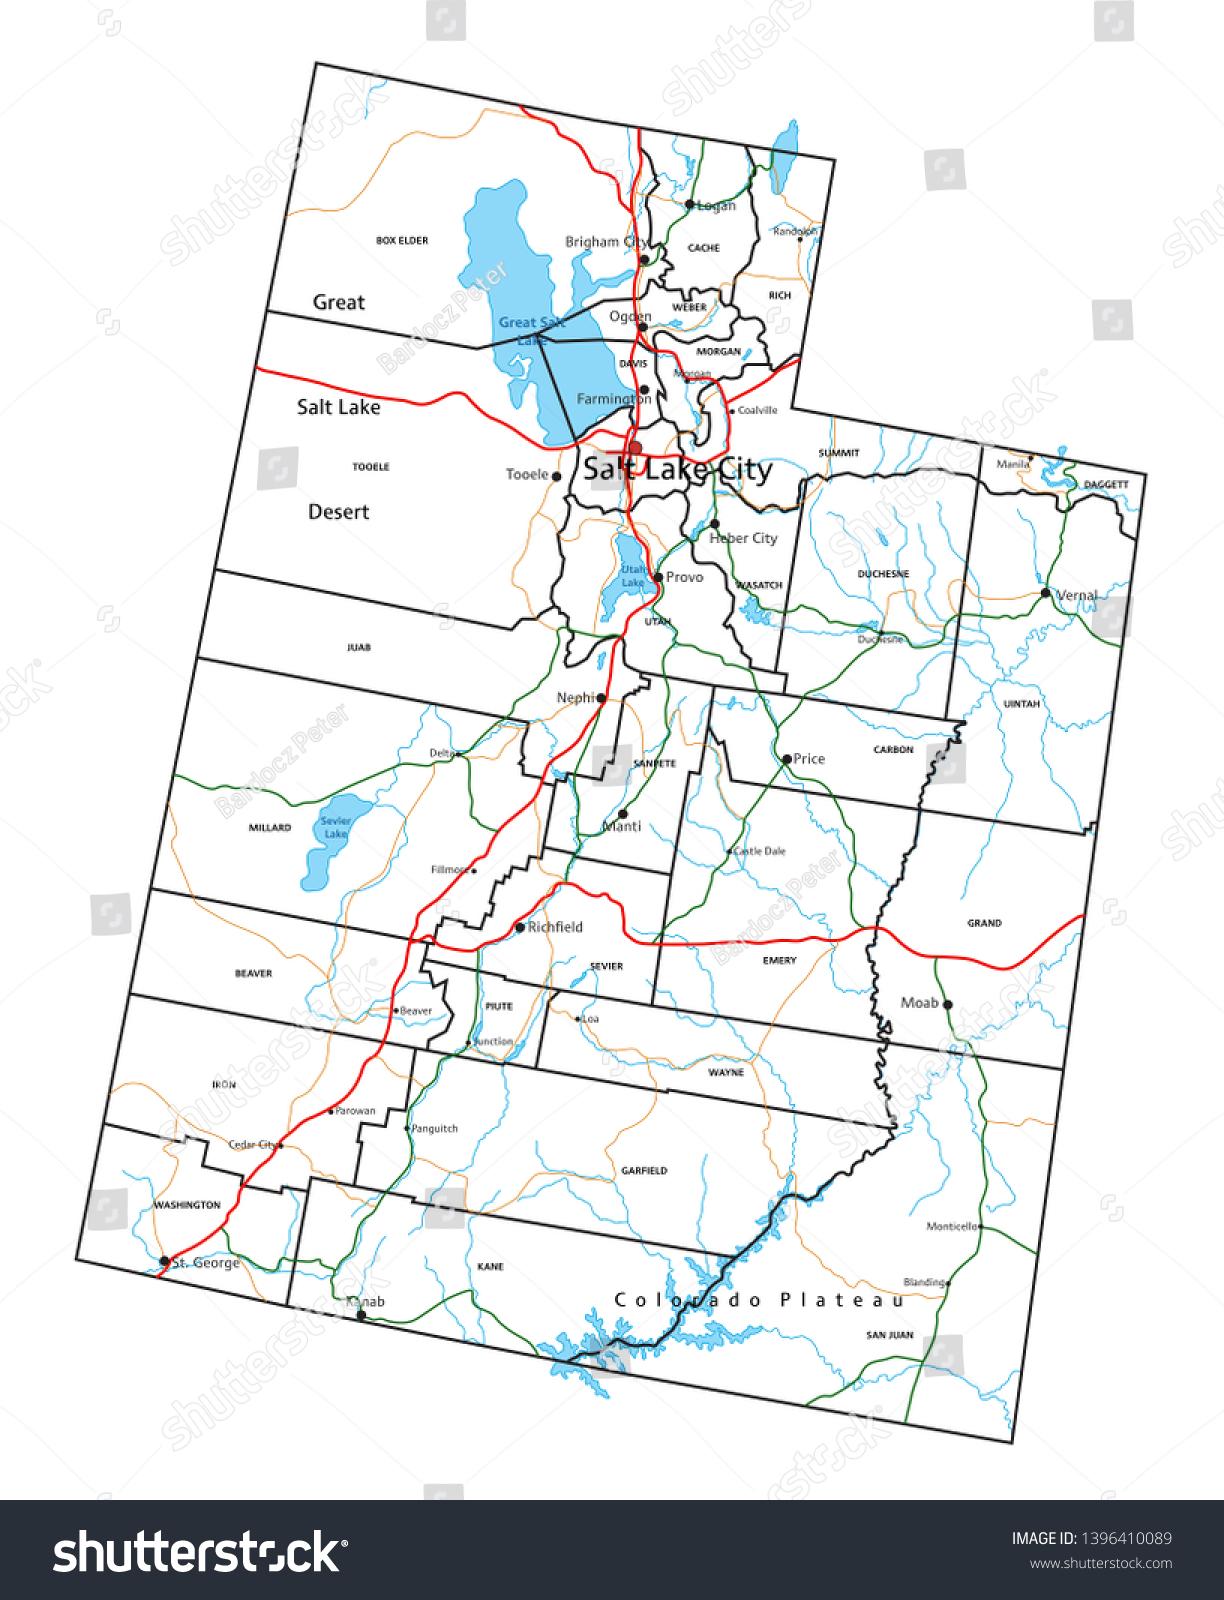 Utah Road Highway Map Vector Illustration | Transportation ...